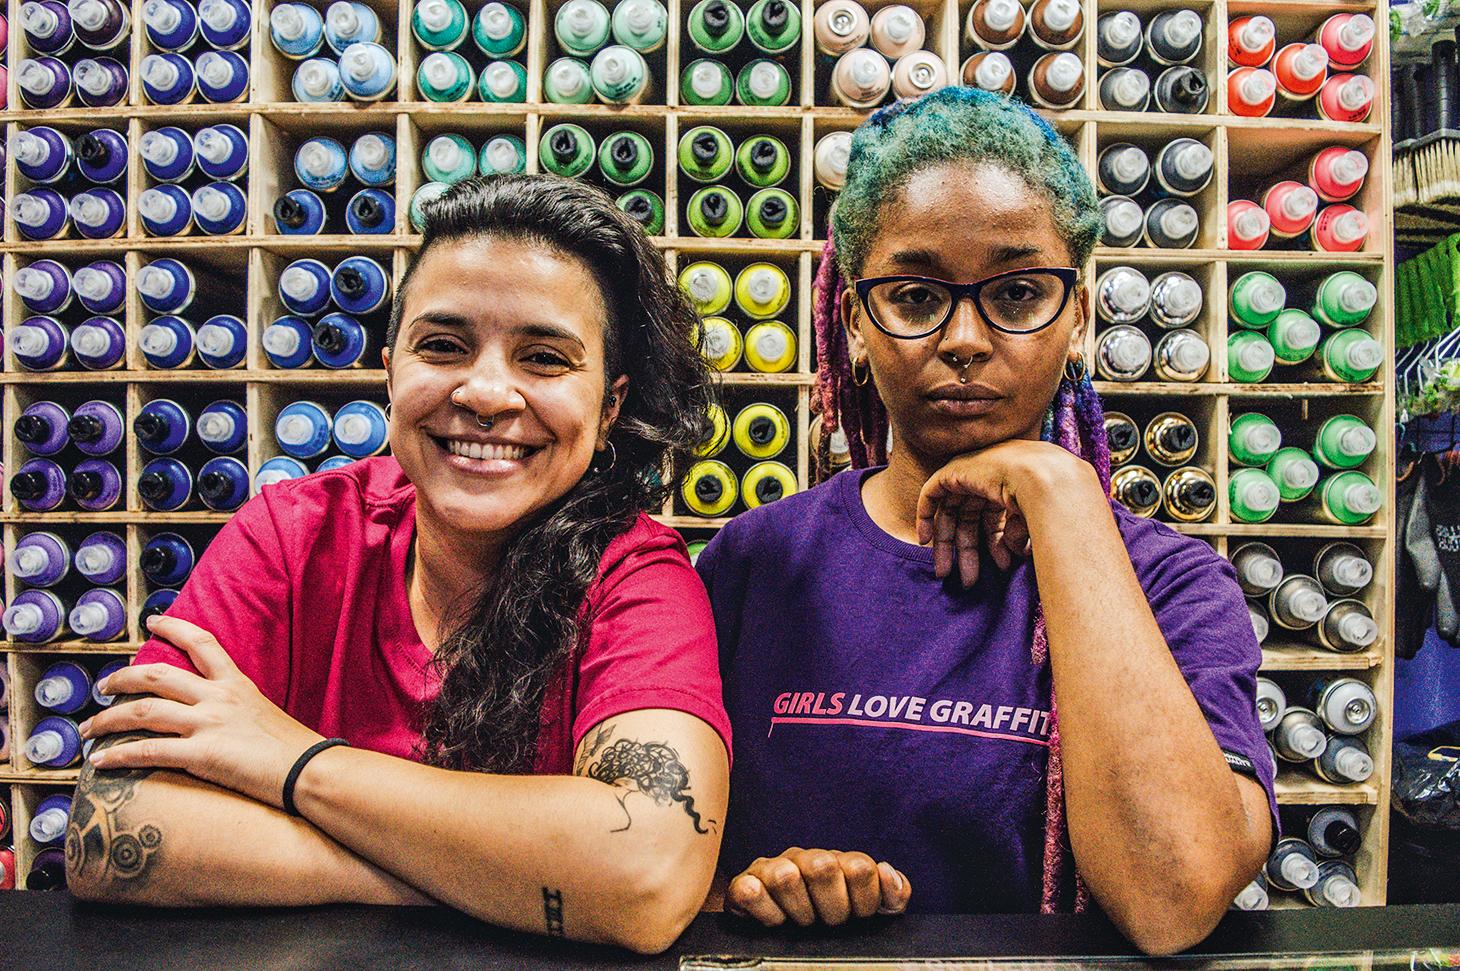 A imagem mostra Pâmela Matos e Leticia César apoiadas no balcão da loja de artigos para grafite que abriram juntas